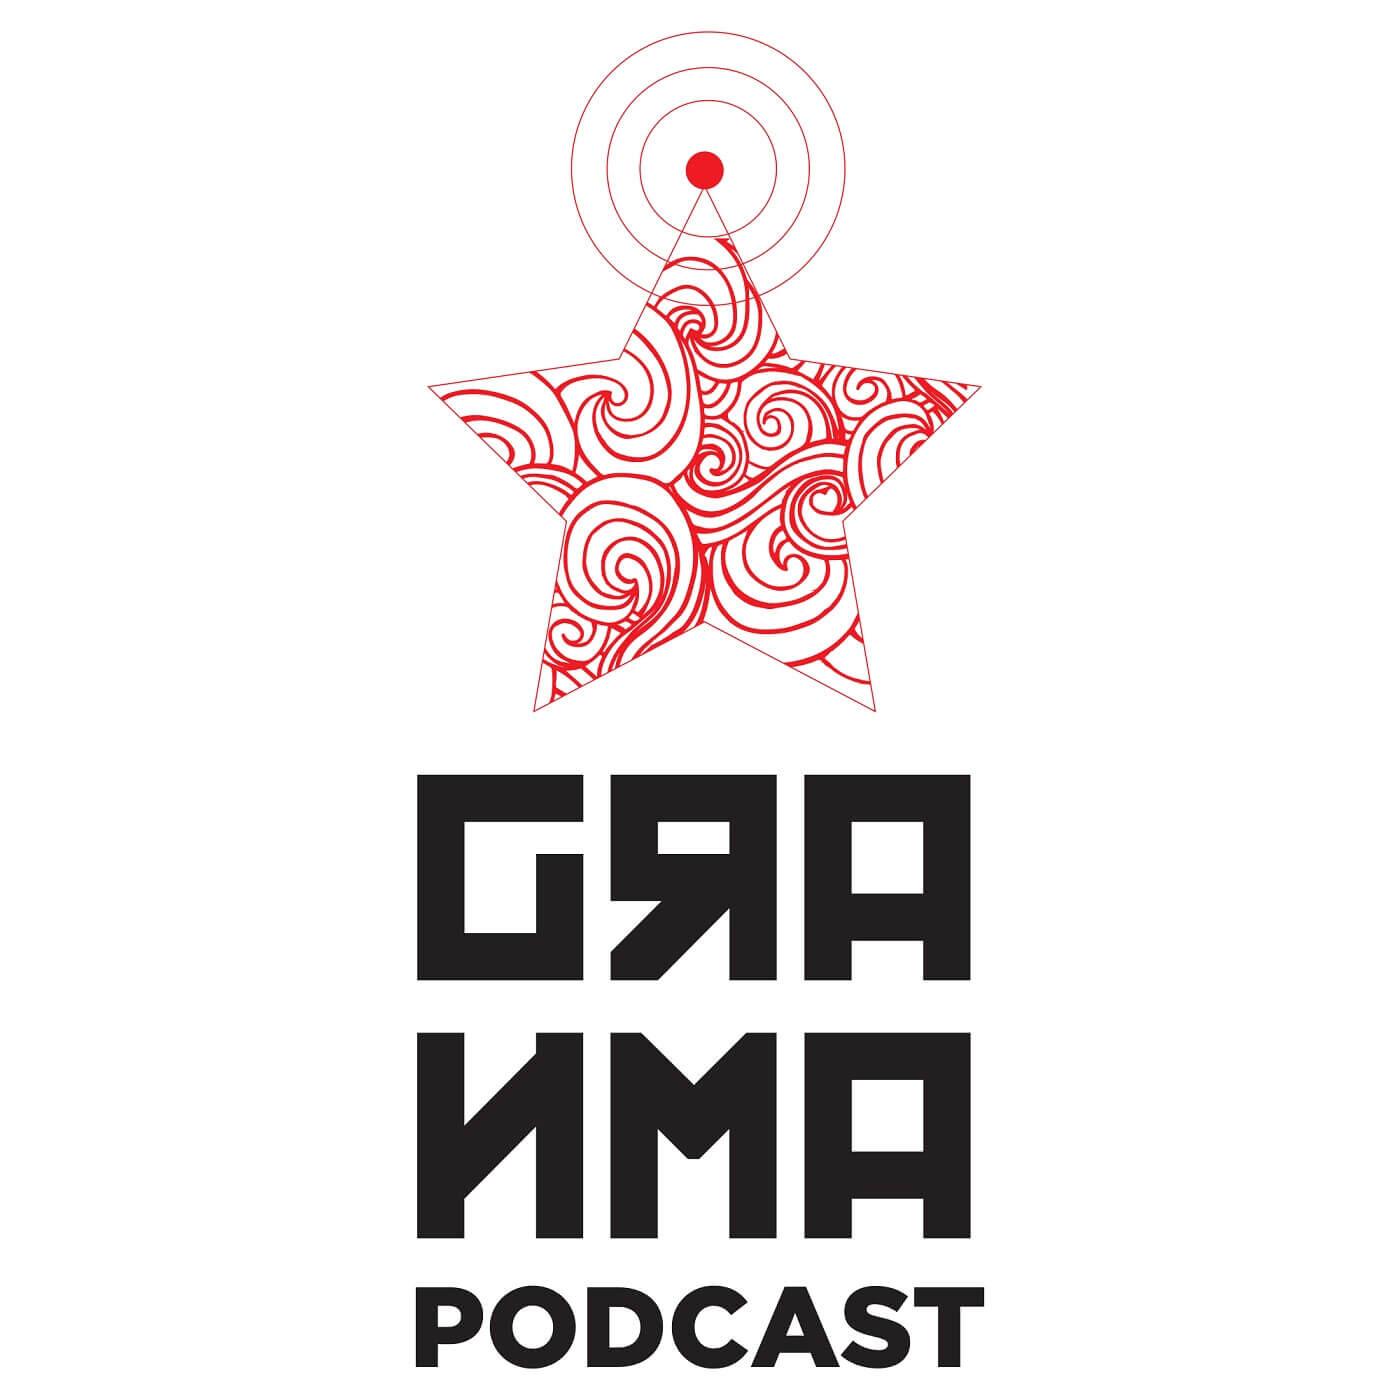 Granma Podcast Episódio 59 Resenha - A atualidade do imperialismo